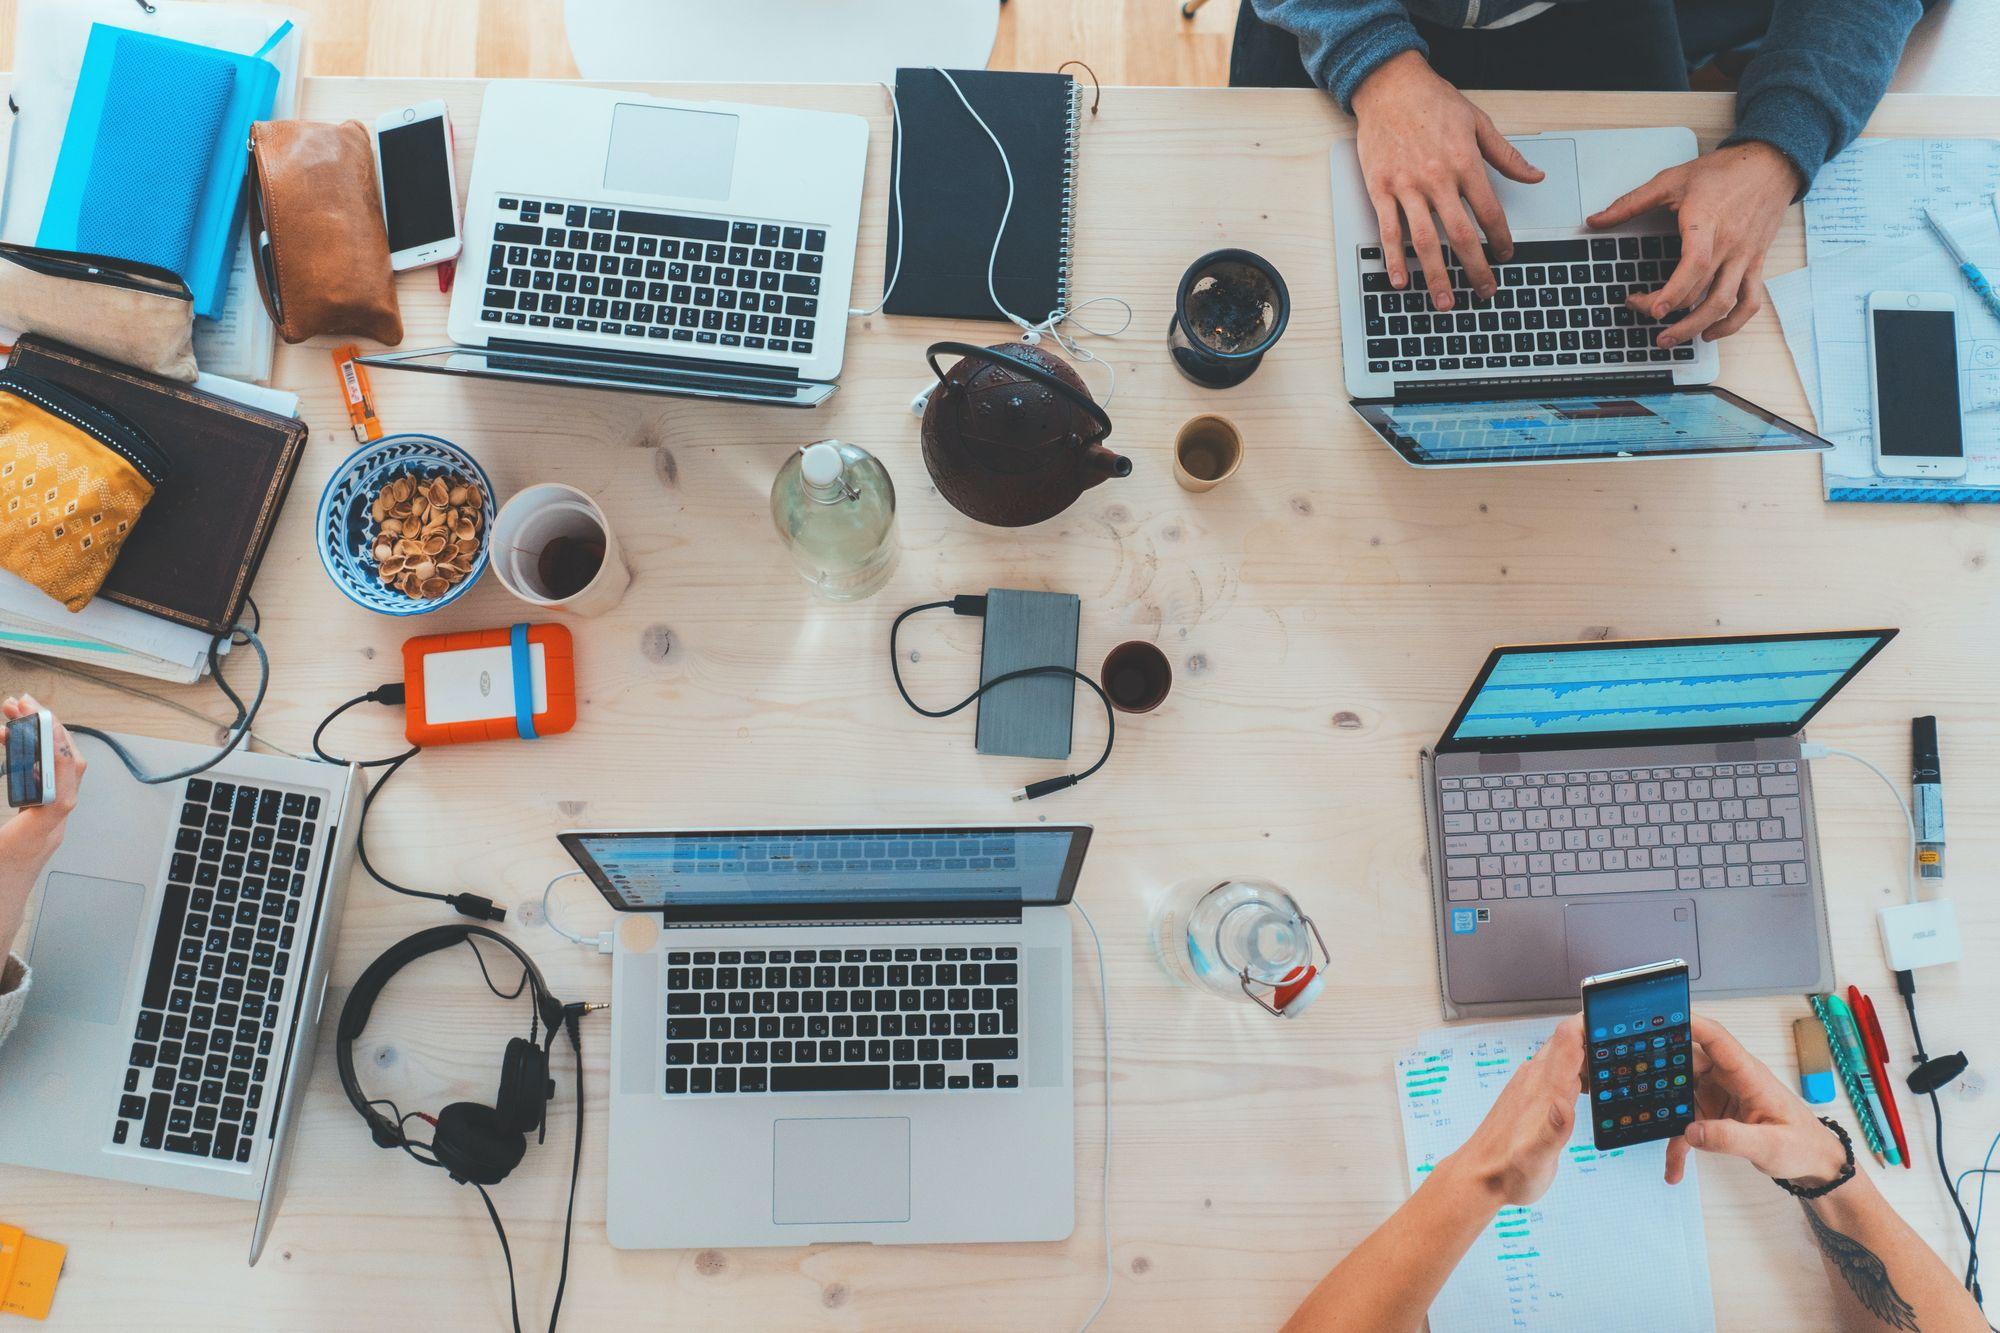 Routine work inside organization